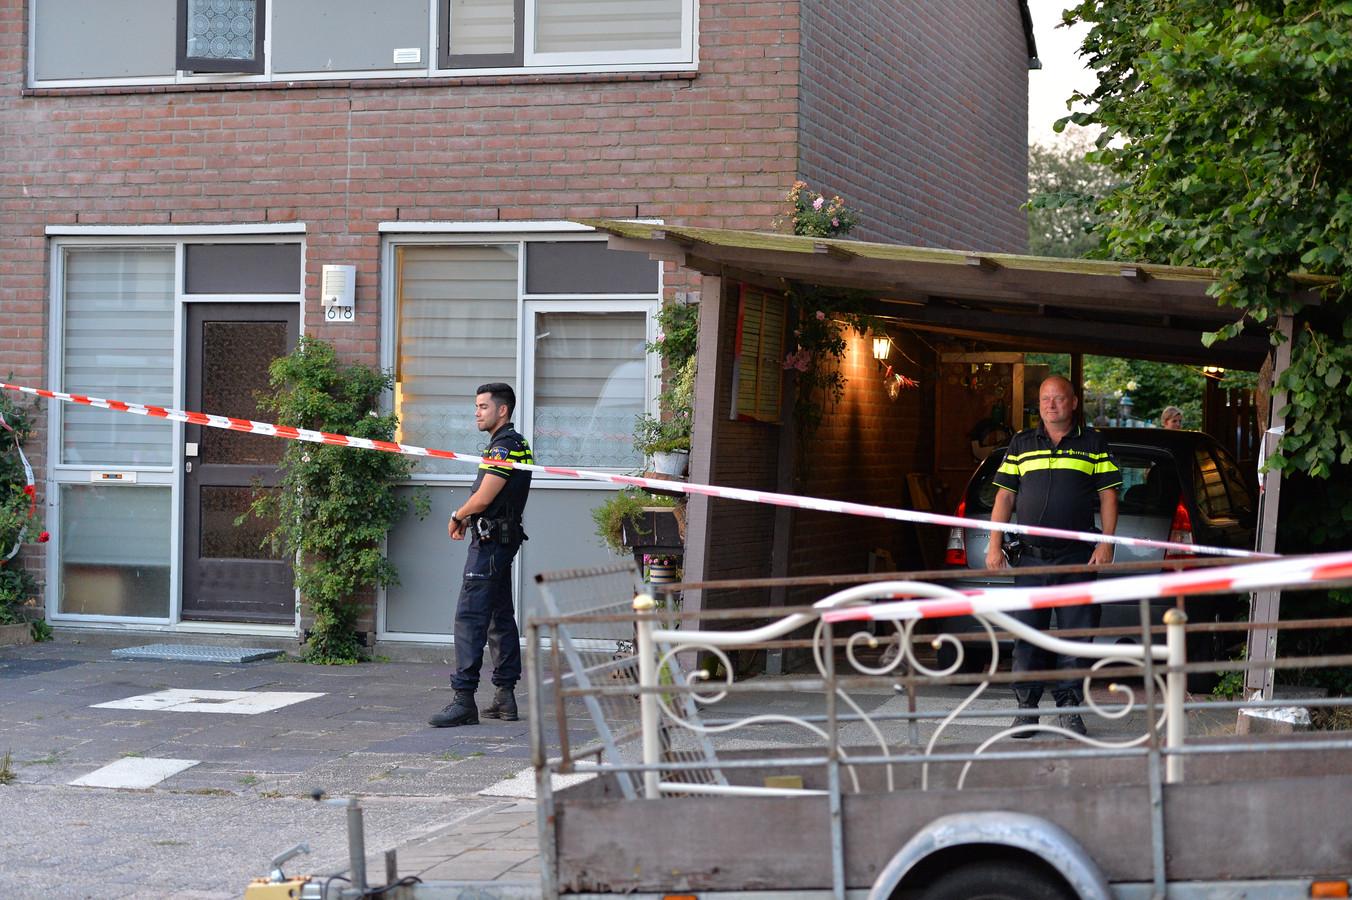 Op 4 juli werd een dode vrouw aangetroffen in een woning aan de Bronsgietersdonk in Apeldoorn.